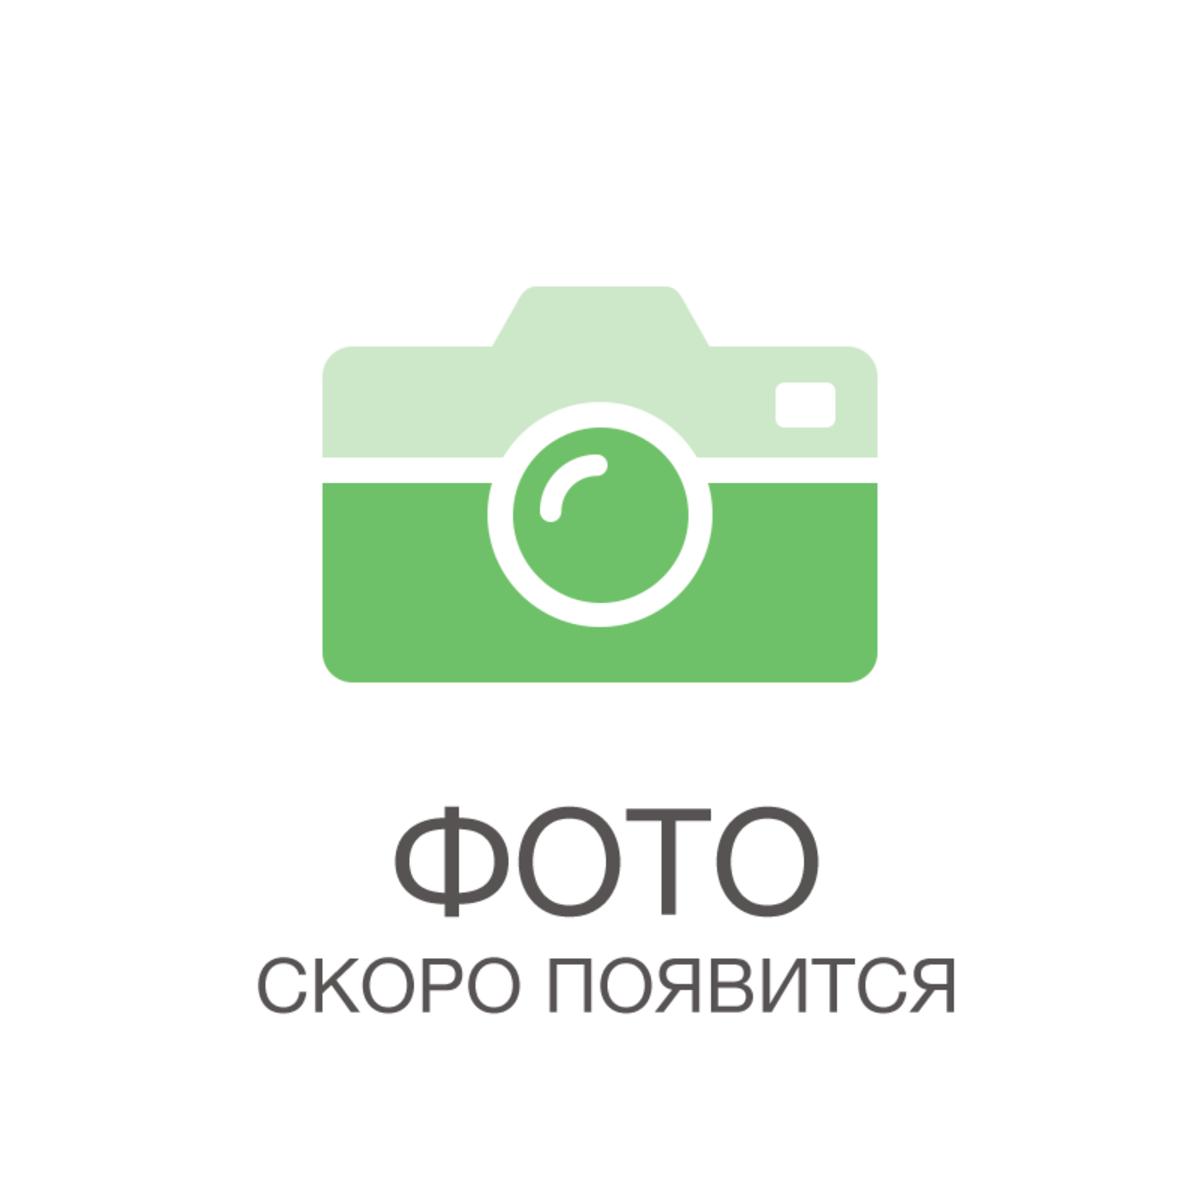 Гипрок Аква Лайт 1950x1200x95 мм